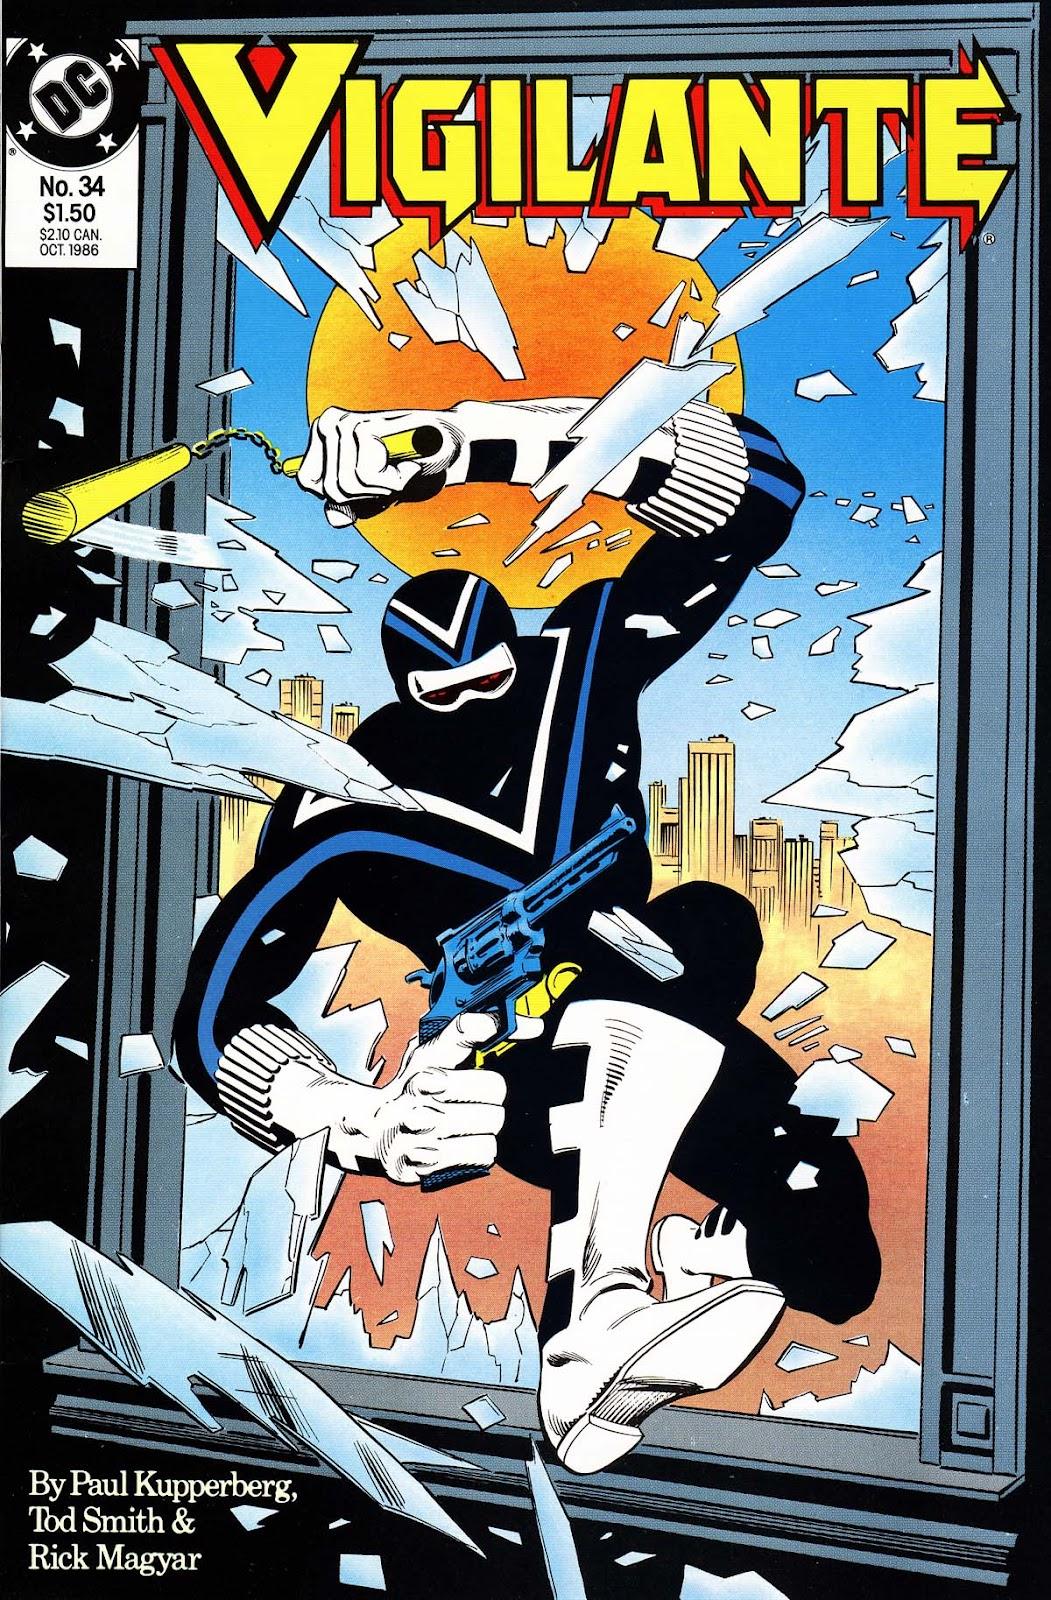 Vigilante (1983) issue 34 - Page 1